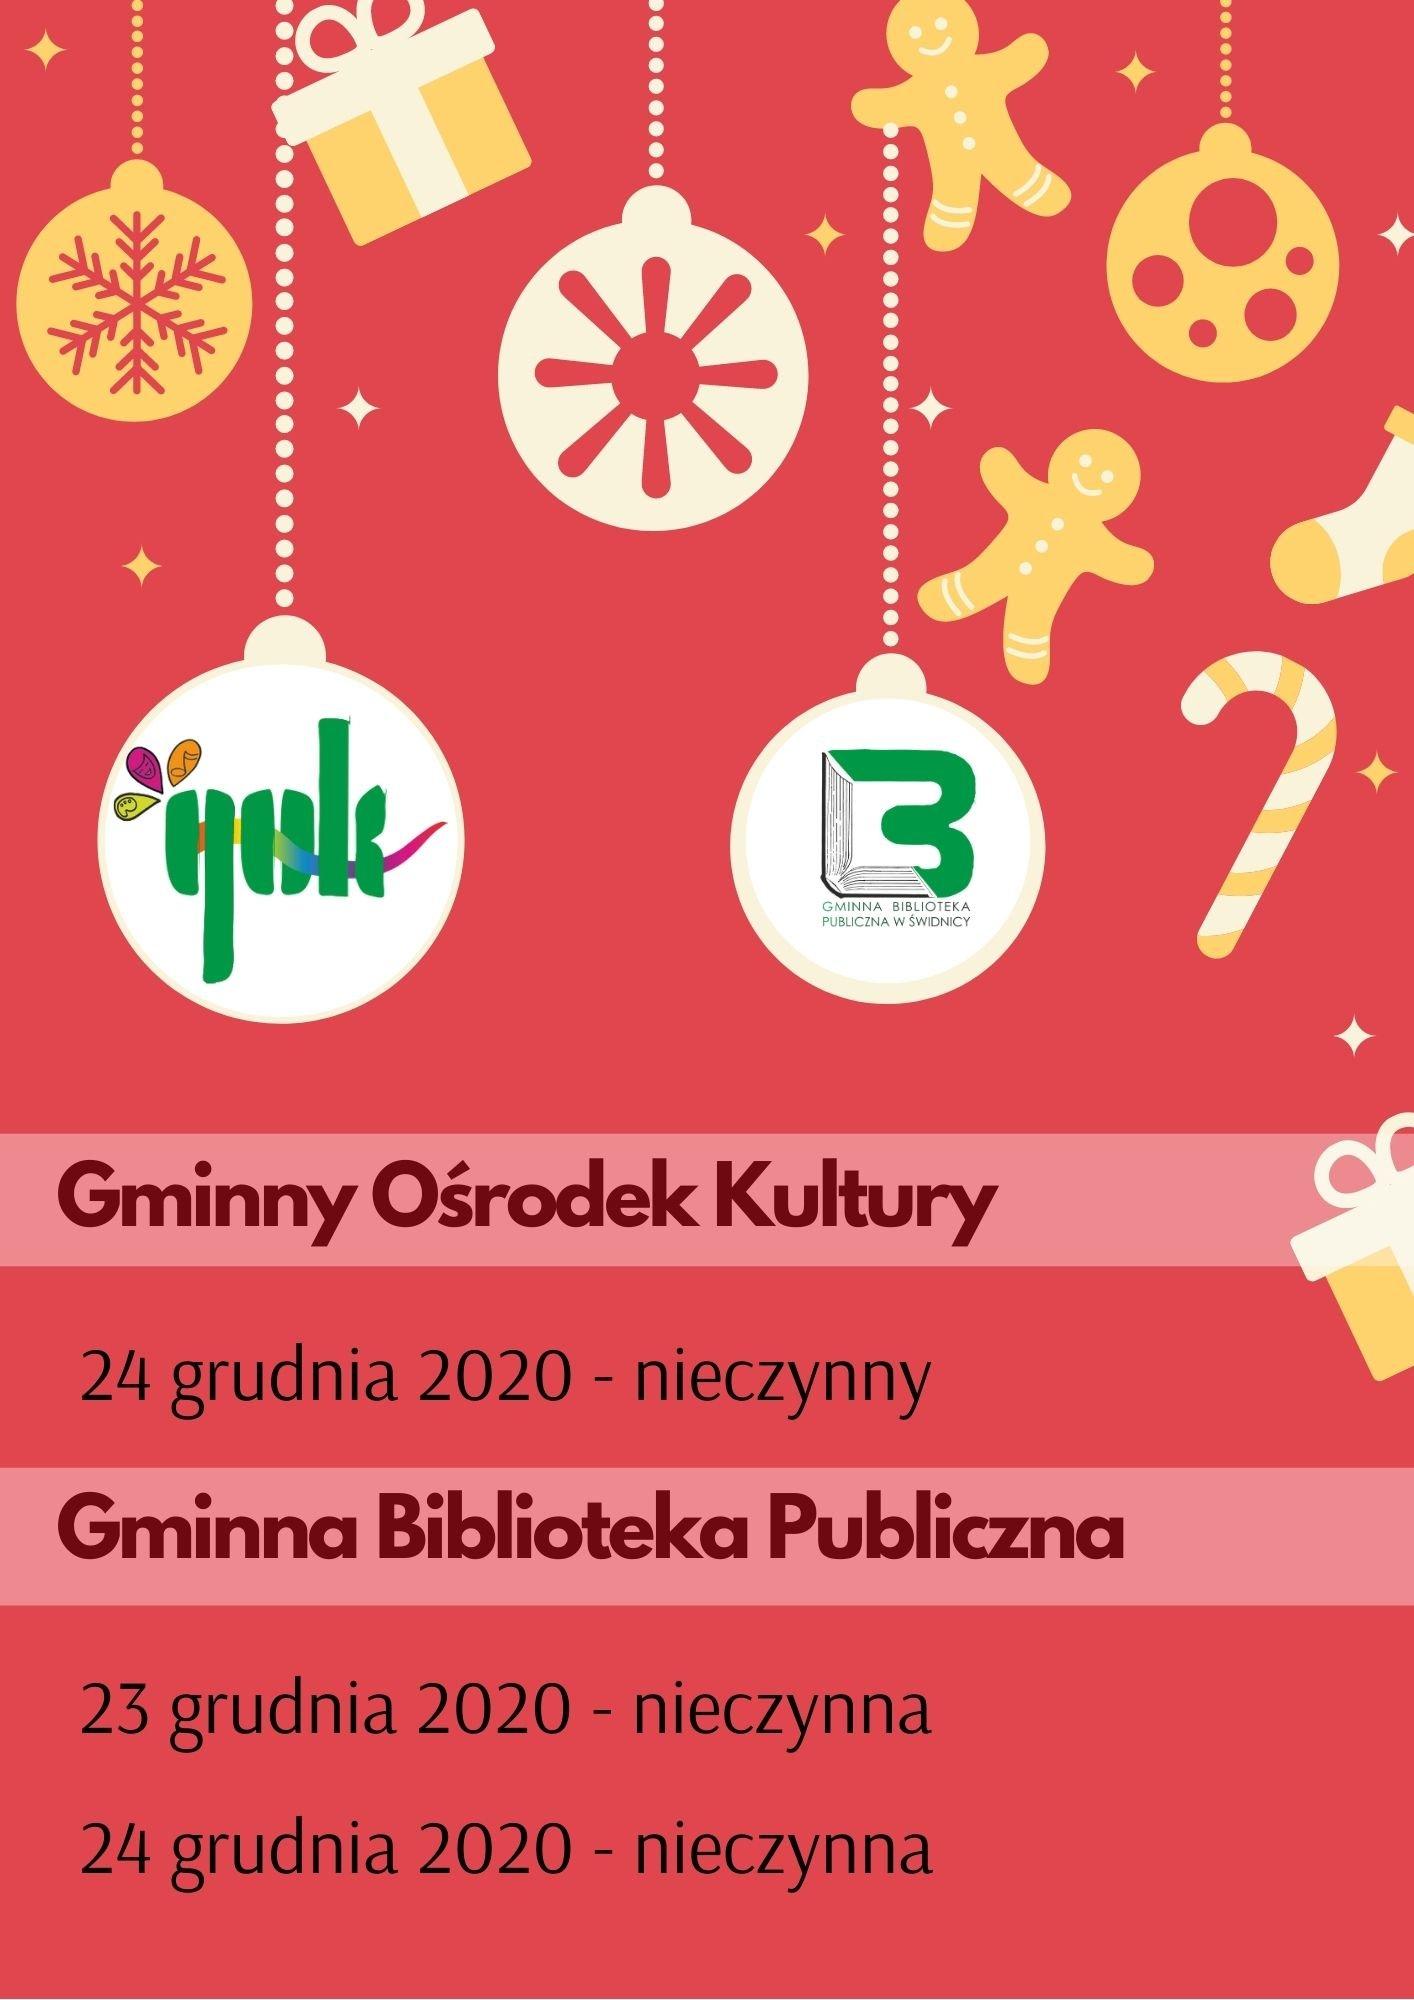 Gok nieczynny 24 grudnia a biblioteka 23 i 24 grudnia 2020